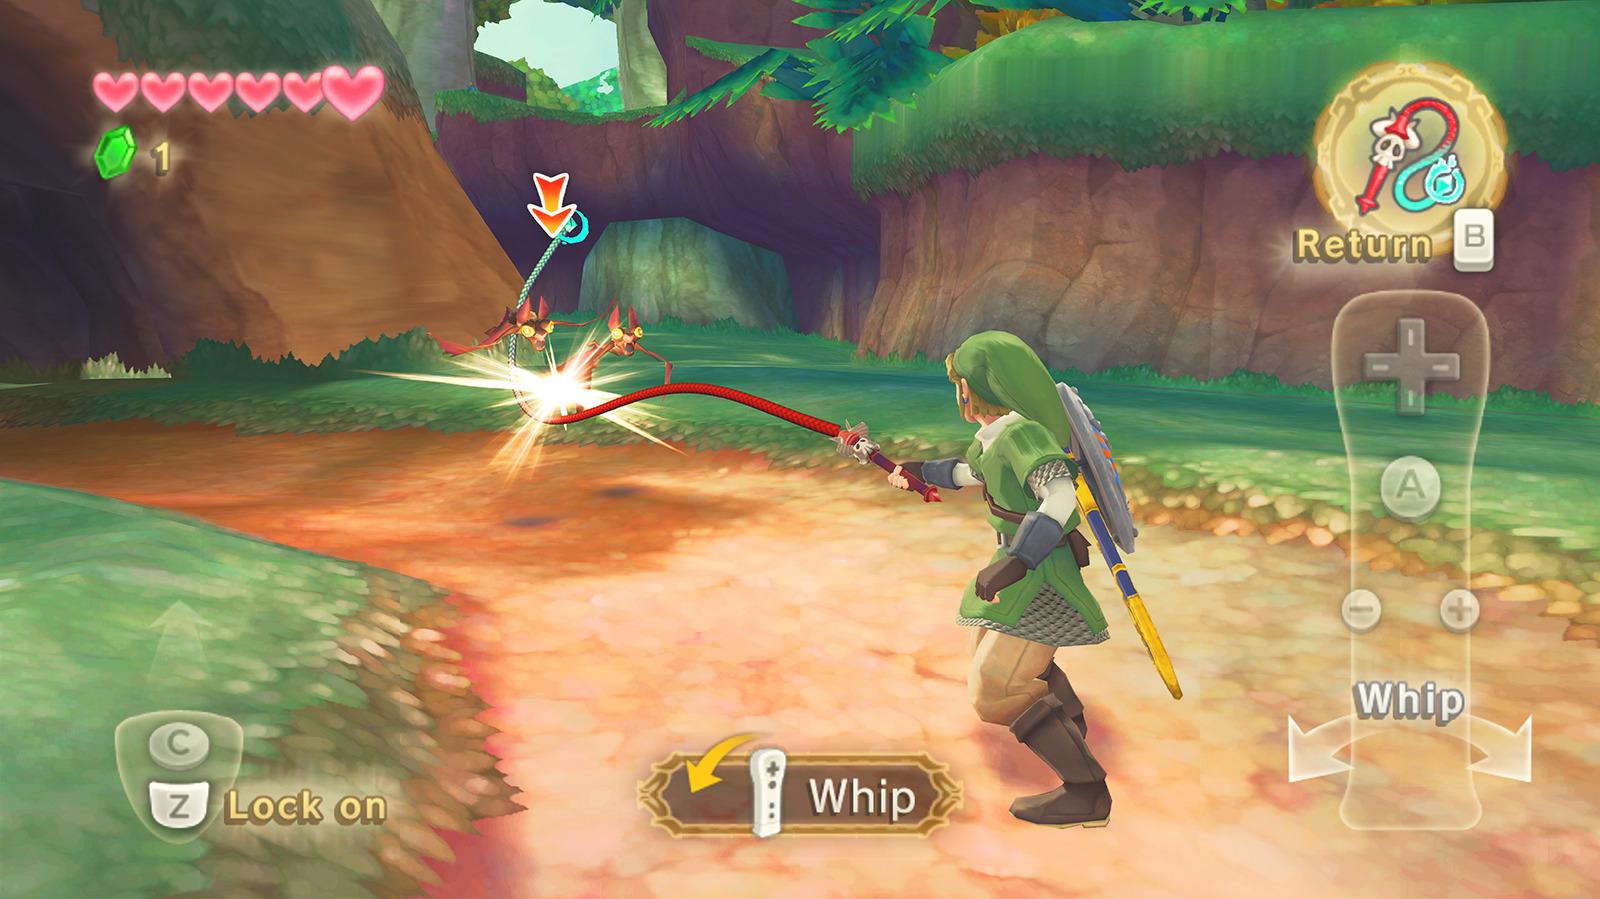 Skyward sword screenshot whip